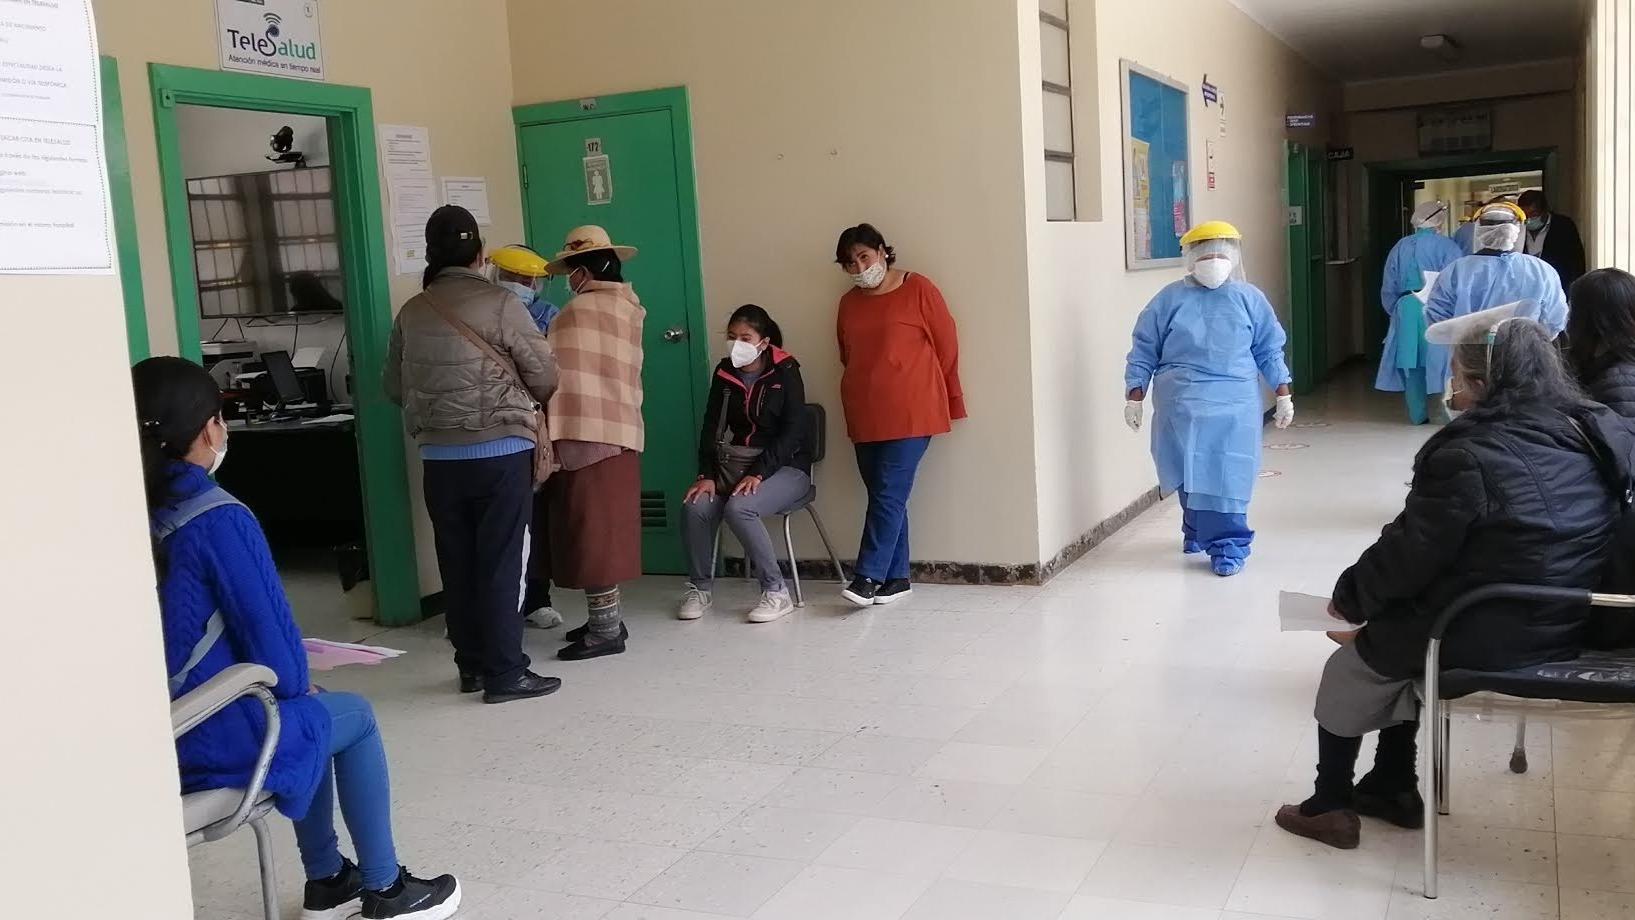 En Puno ya se tiene preparada la respectiva cadena de frío para las vacunas, aunque no se conoce el número exacto de dosis que serán enviadas.